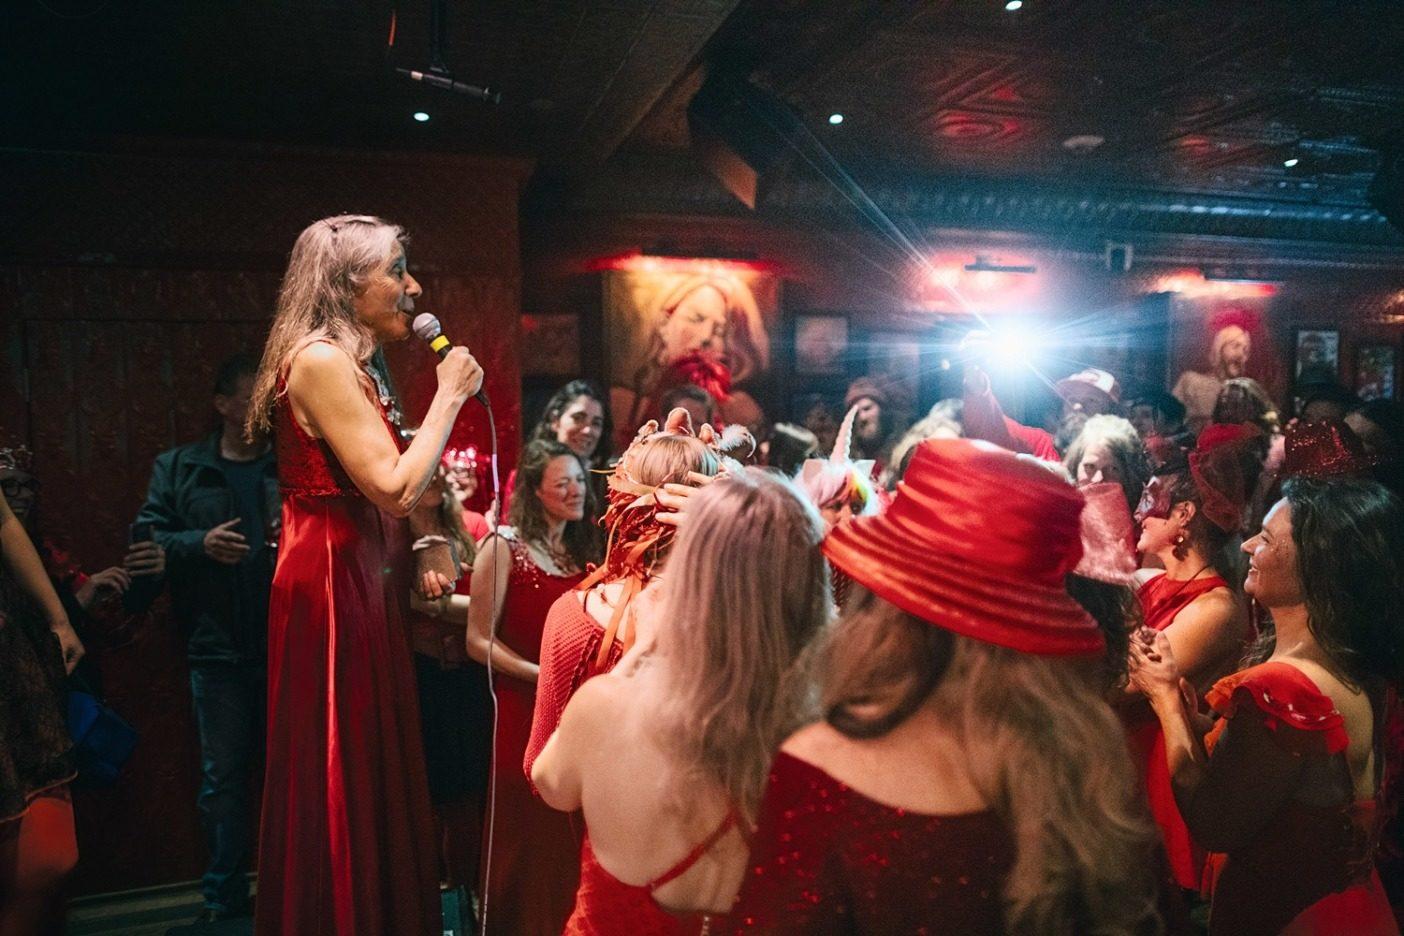 第 11 代「レッド・レディ」のスー・ネイビーは、レッド・レディの鉱山反対 運動に 1977 年以来積極的に関わってきた。2019 年 3 月上旬に開催された 「レッド・レディを救う舞踏会」でのこの写真に写るのは、結果を心待ちにする群衆の前で、第 42 代「レッド・レディ」の受称者を発表する彼女の姿。Photo: Forest Woodward